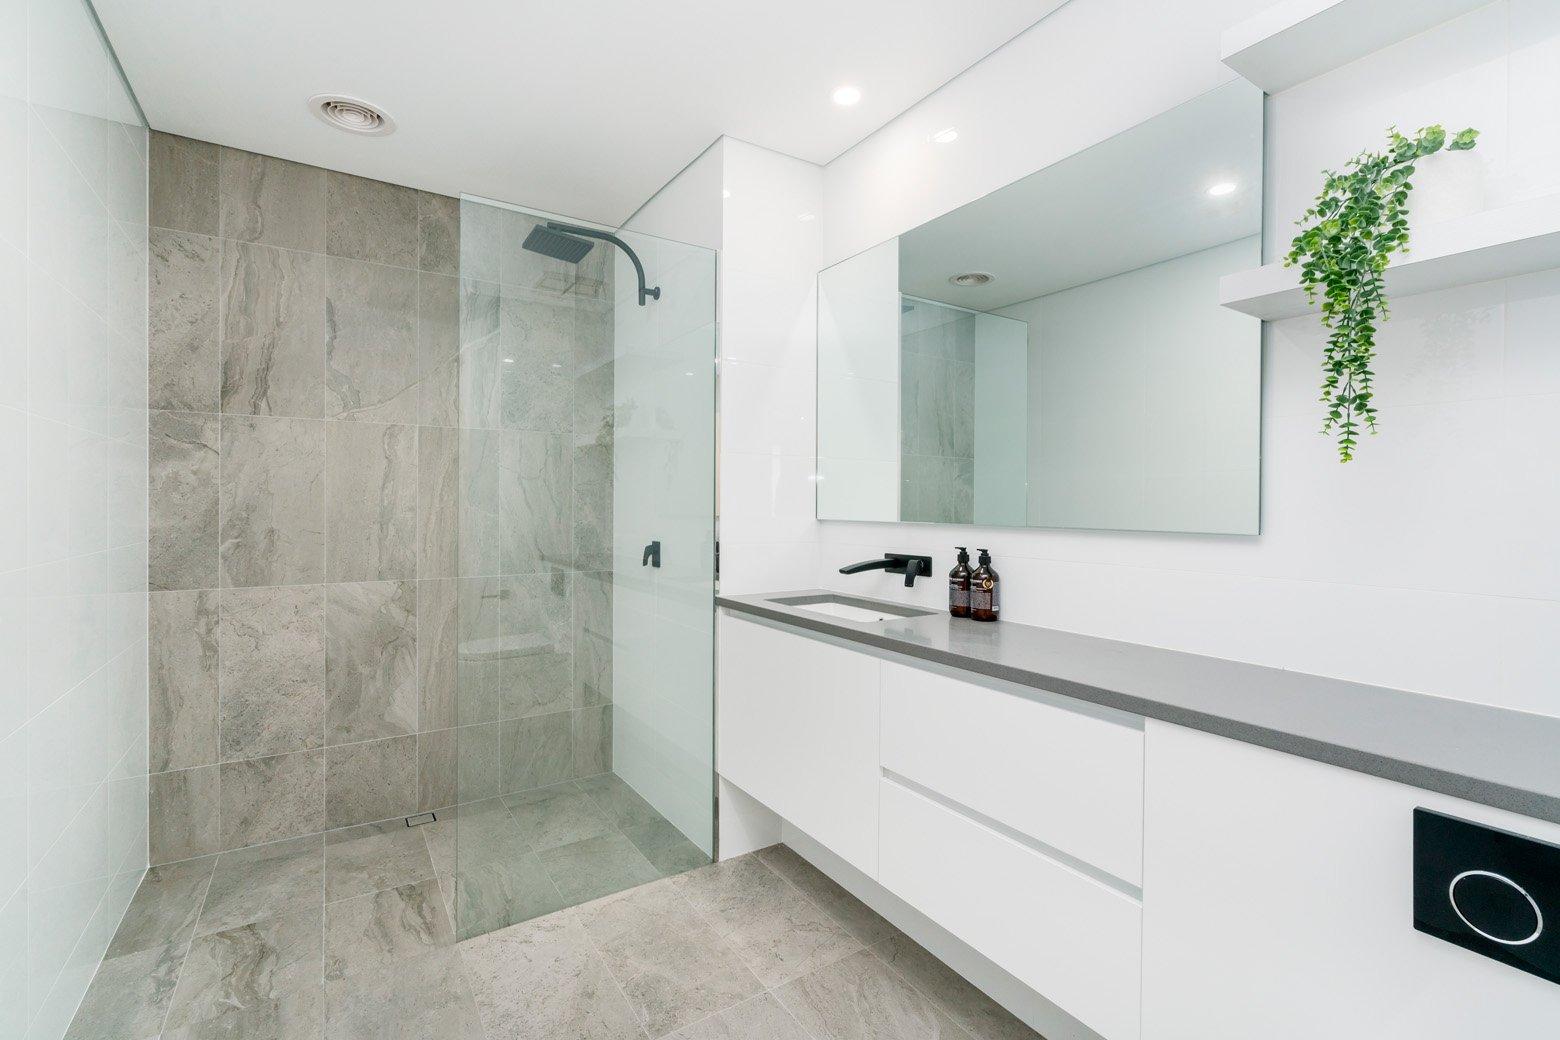 badkamerrenovatie ga voor van calster kwaliteit aan de. Black Bedroom Furniture Sets. Home Design Ideas